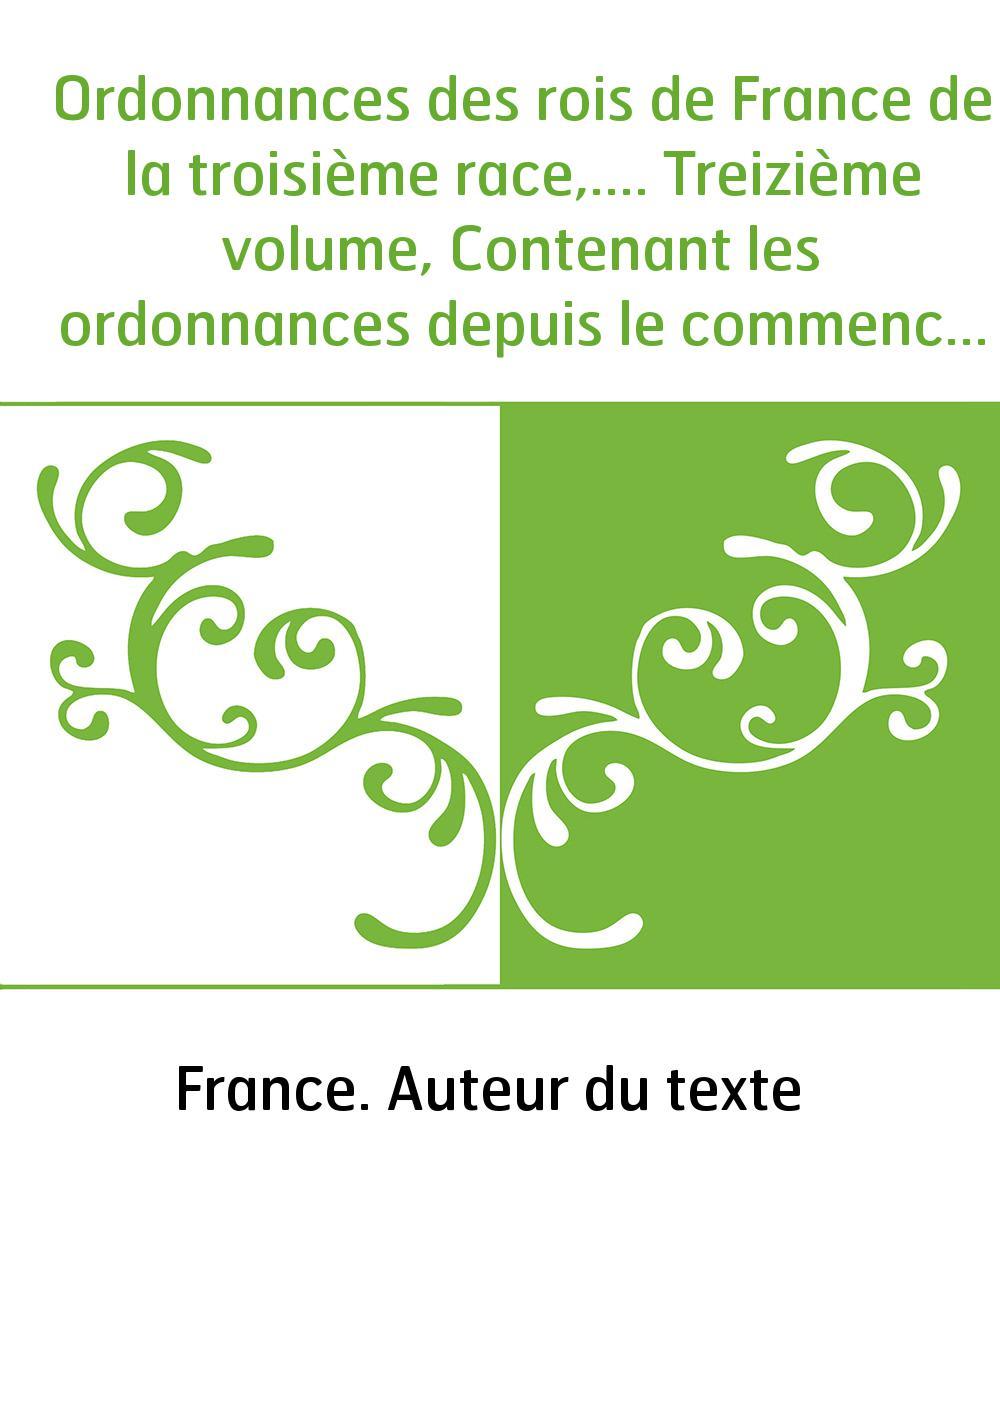 Ordonnances des rois de France de la troisième race,.... Treizième volume, Contenant les ordonnances depuis le commencement du r